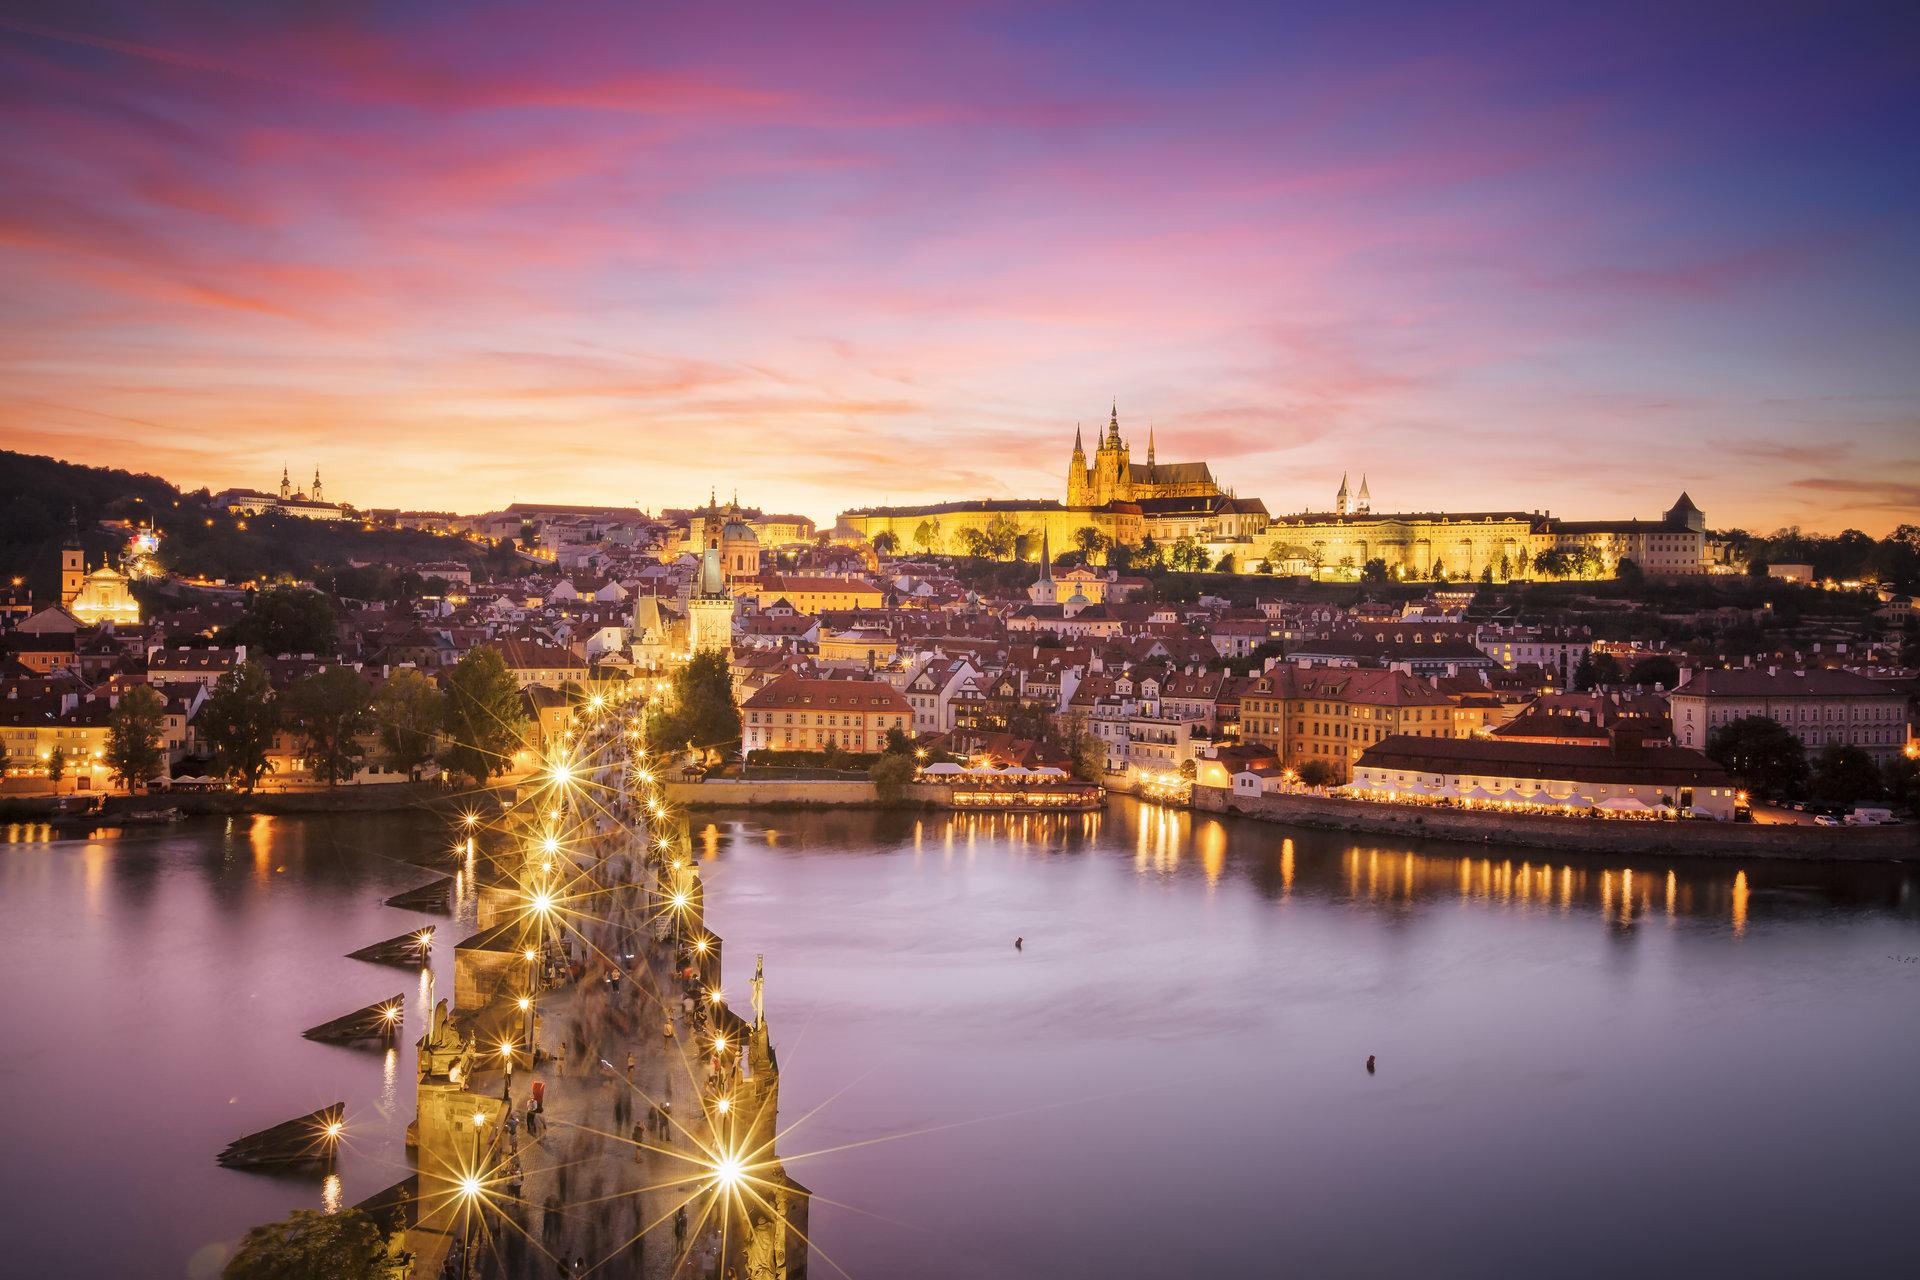 Залез над Прага | Author Albena Ivanova - benna23 | PHOTO FORUM